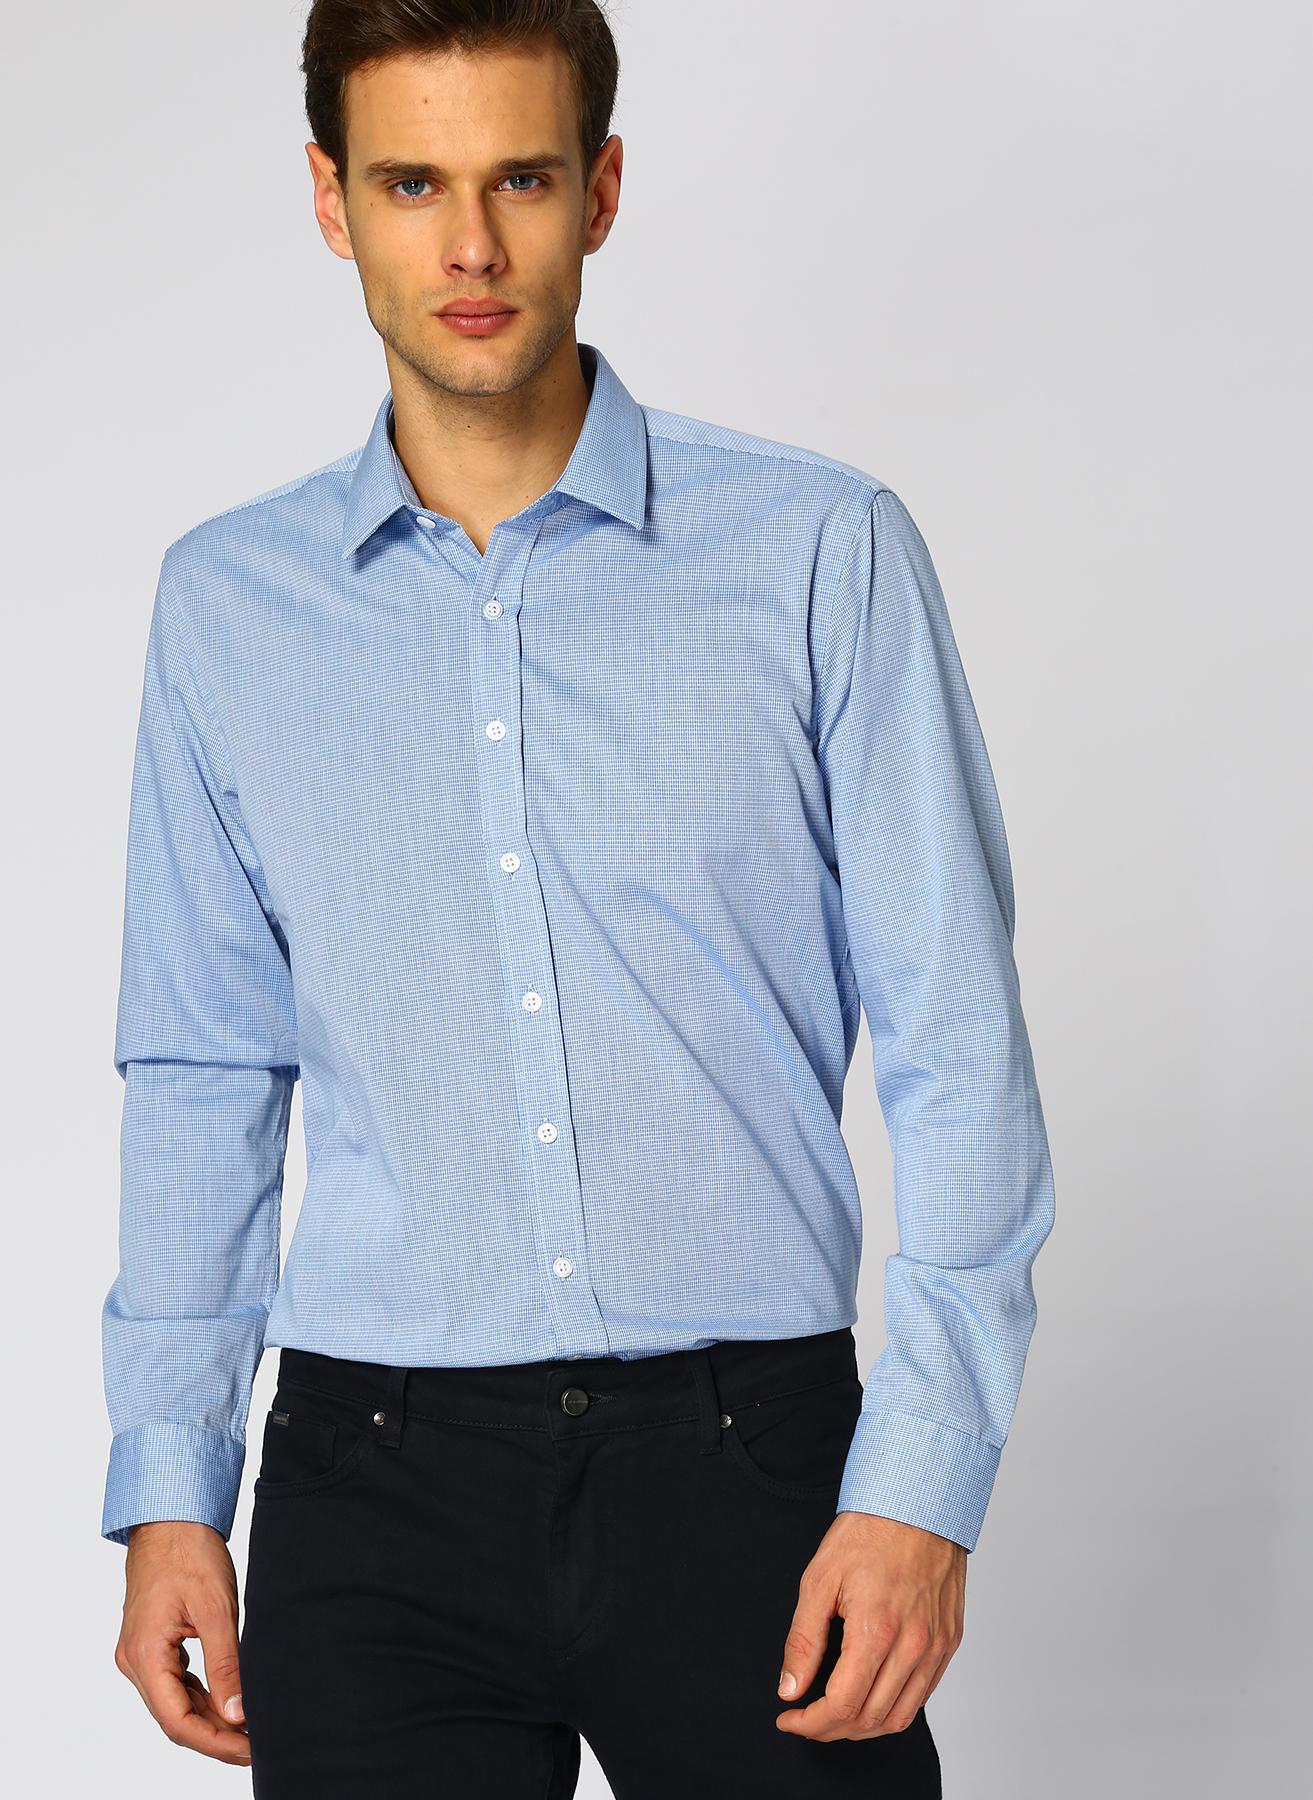 George Hogg Turkuaz - Mavi - Siyah Gömlek 41 5001699335003 Ürün Resmi